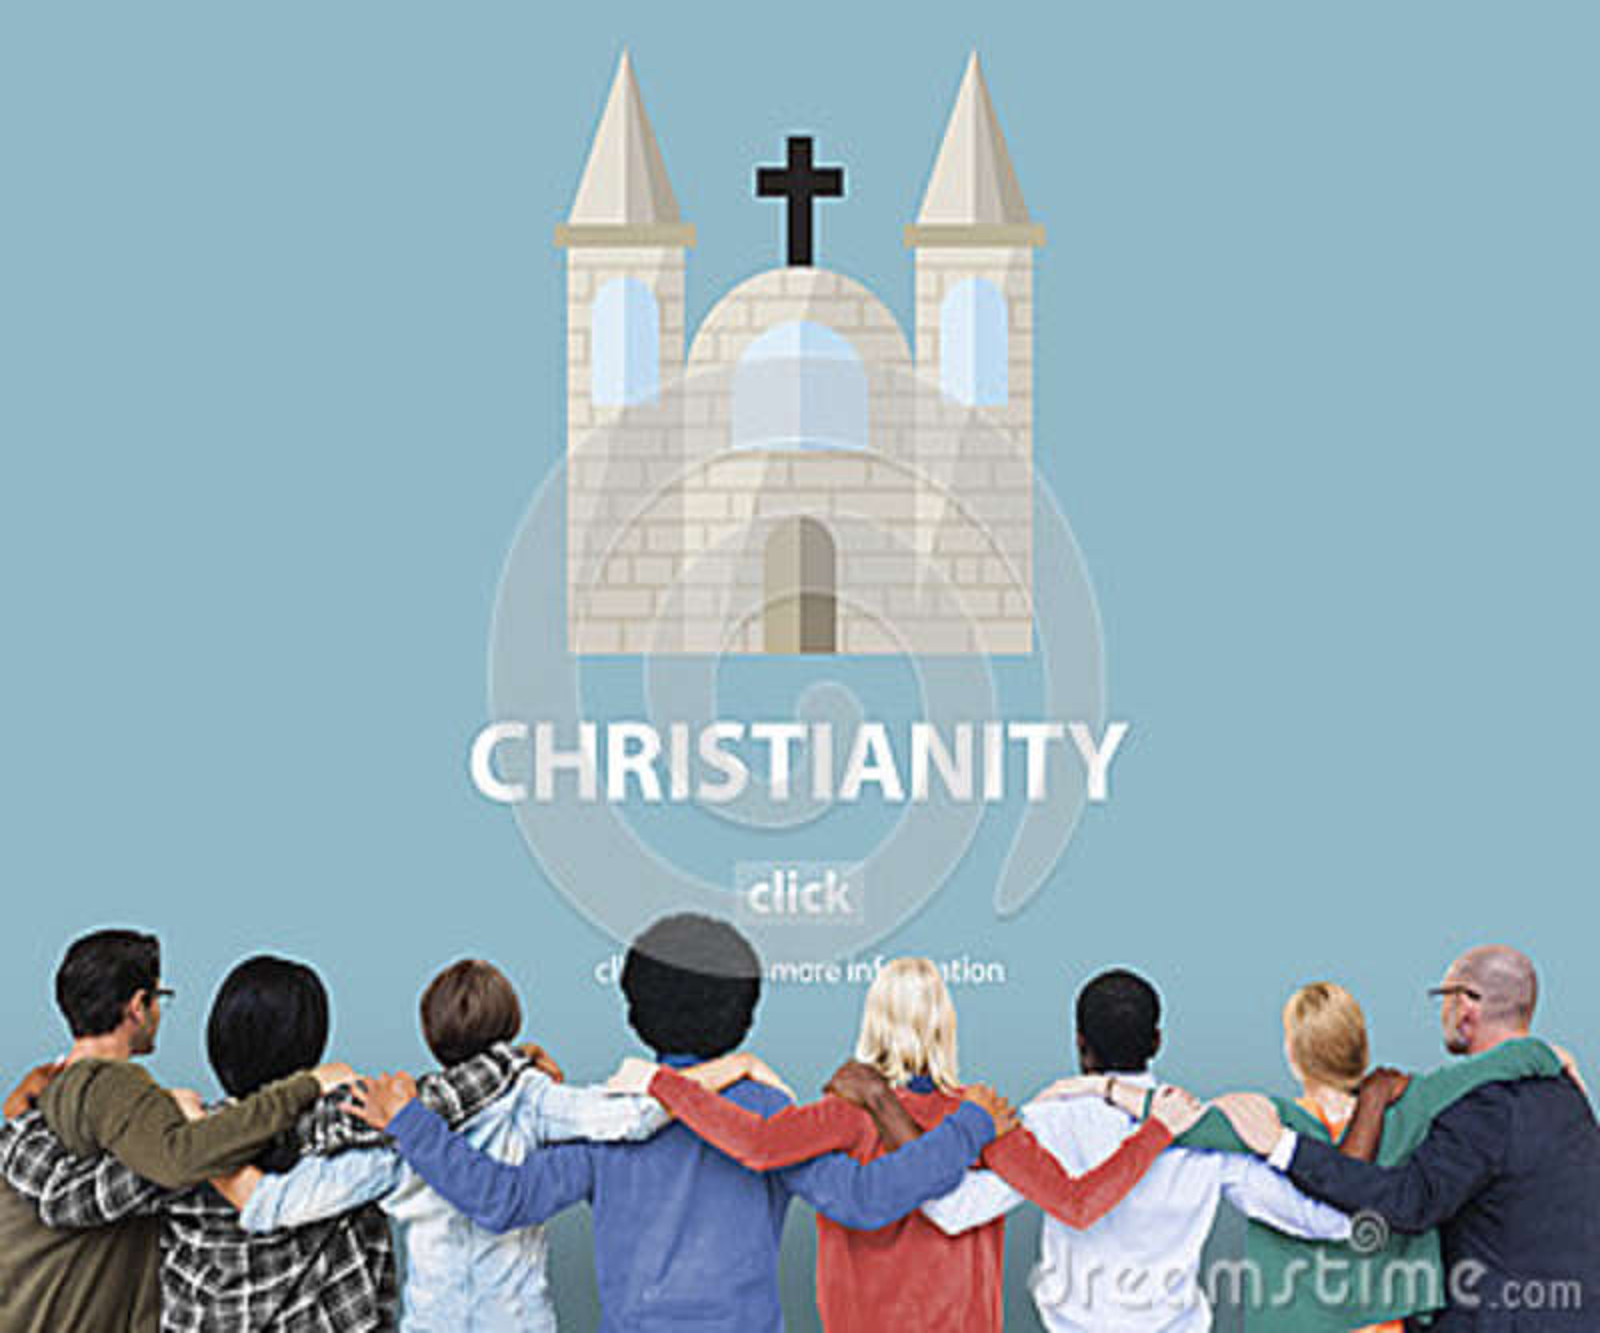 Christendom Heilig Jesus Religion Spirituality Wisdom Concept